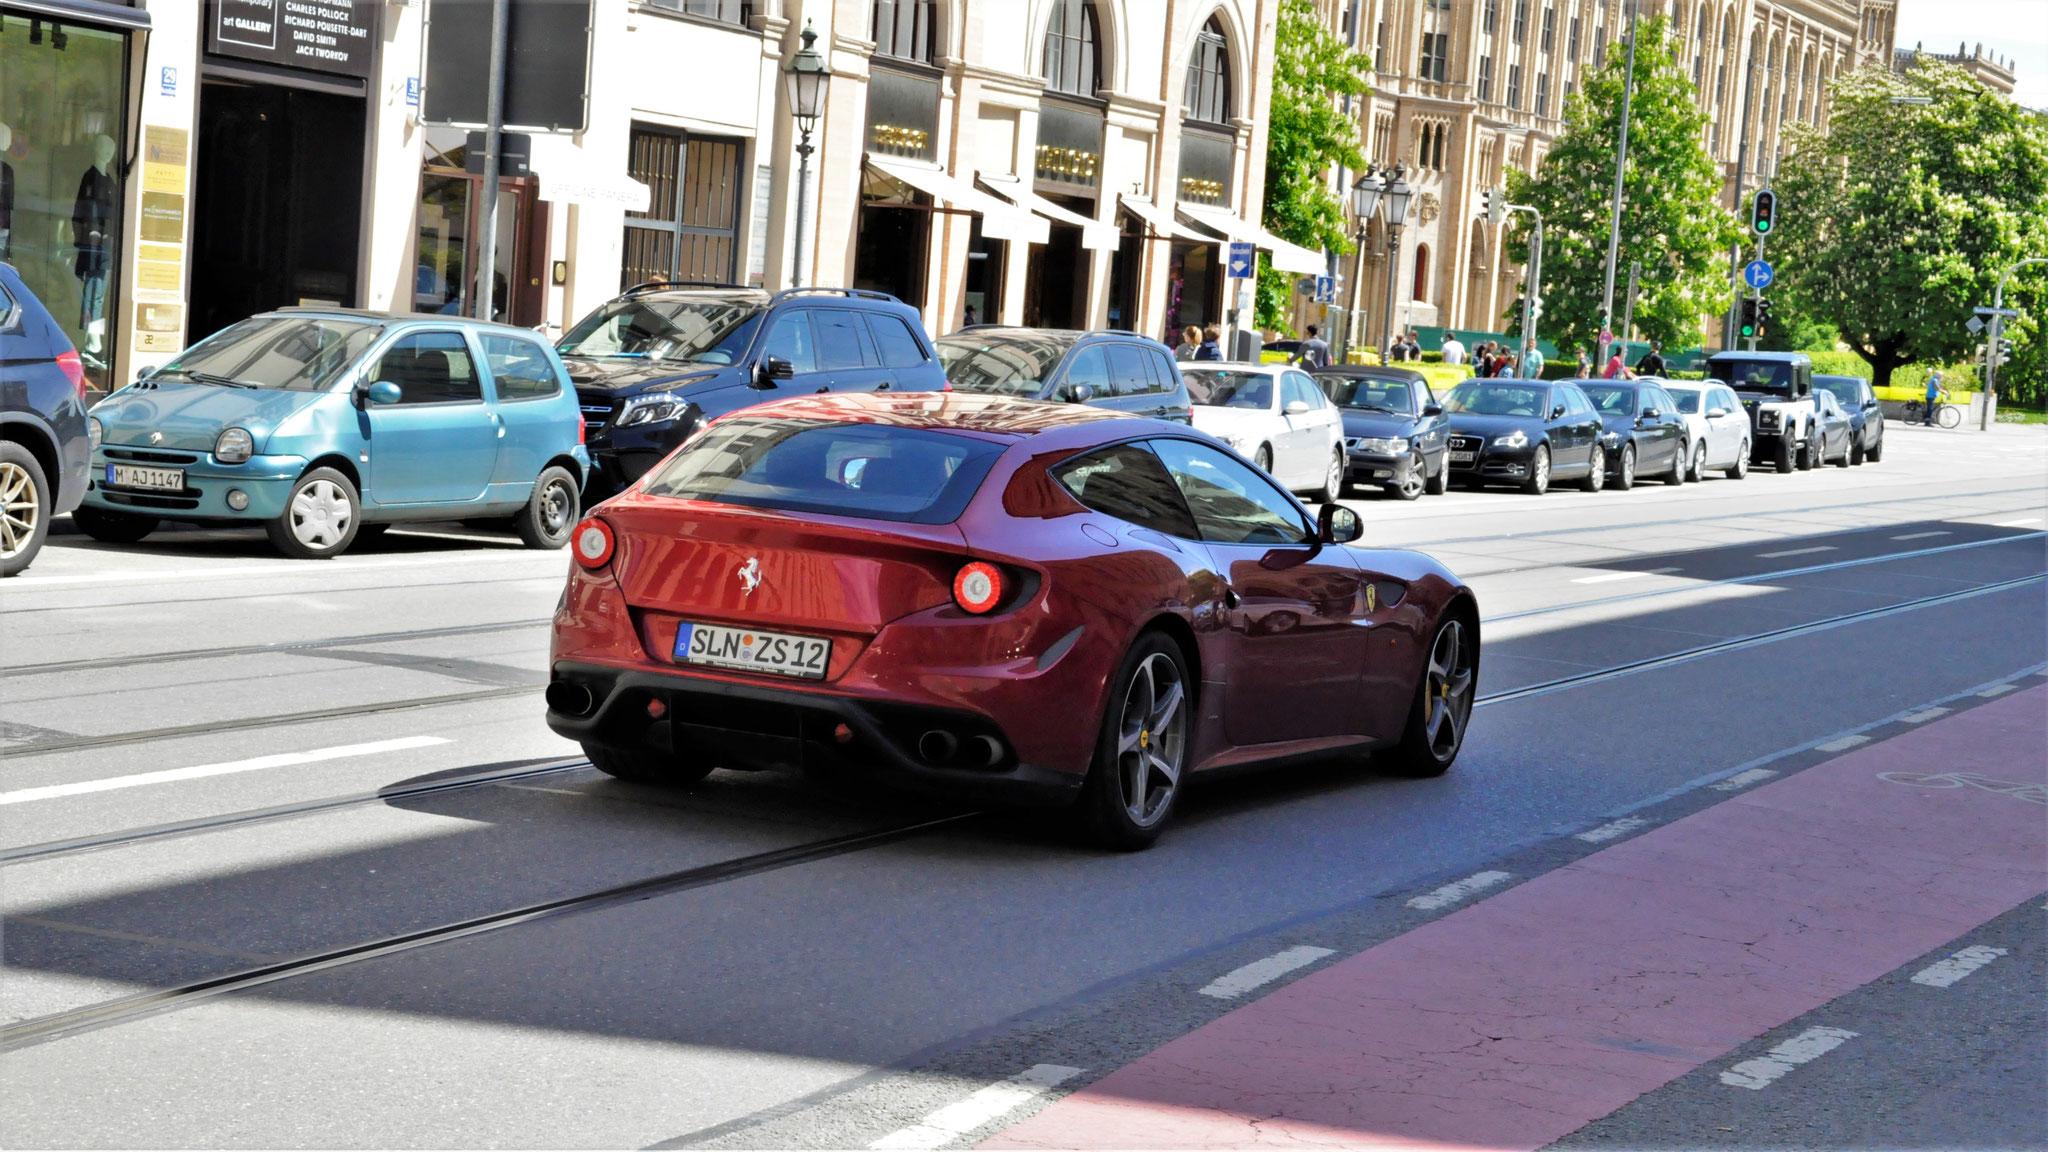 Ferrari FF - SLN-ZS-12